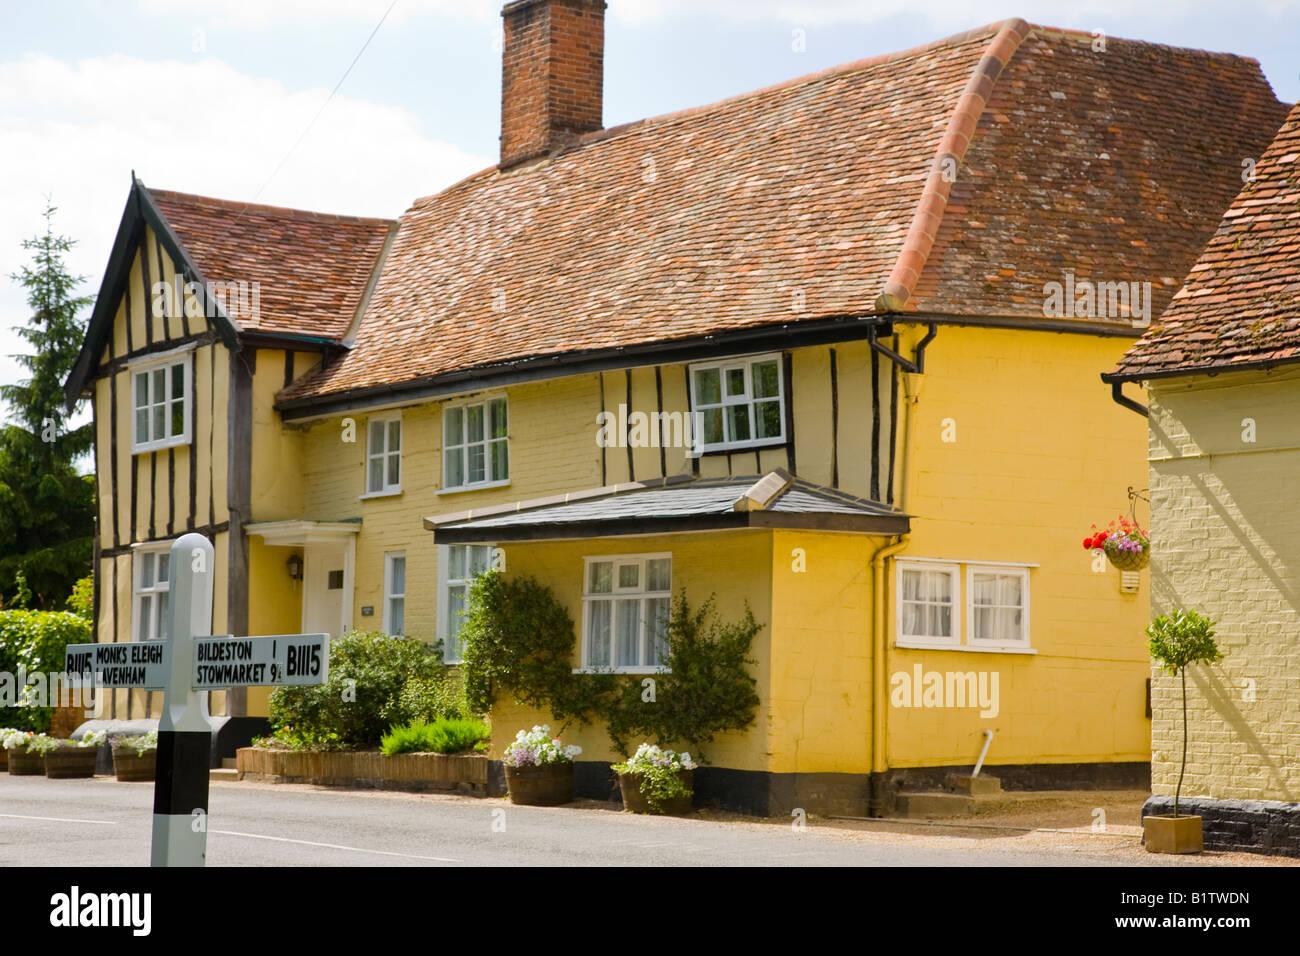 Peackock Inn Gasthaus mit Finger Post im Chelsworth Suffolk England UK Stockbild